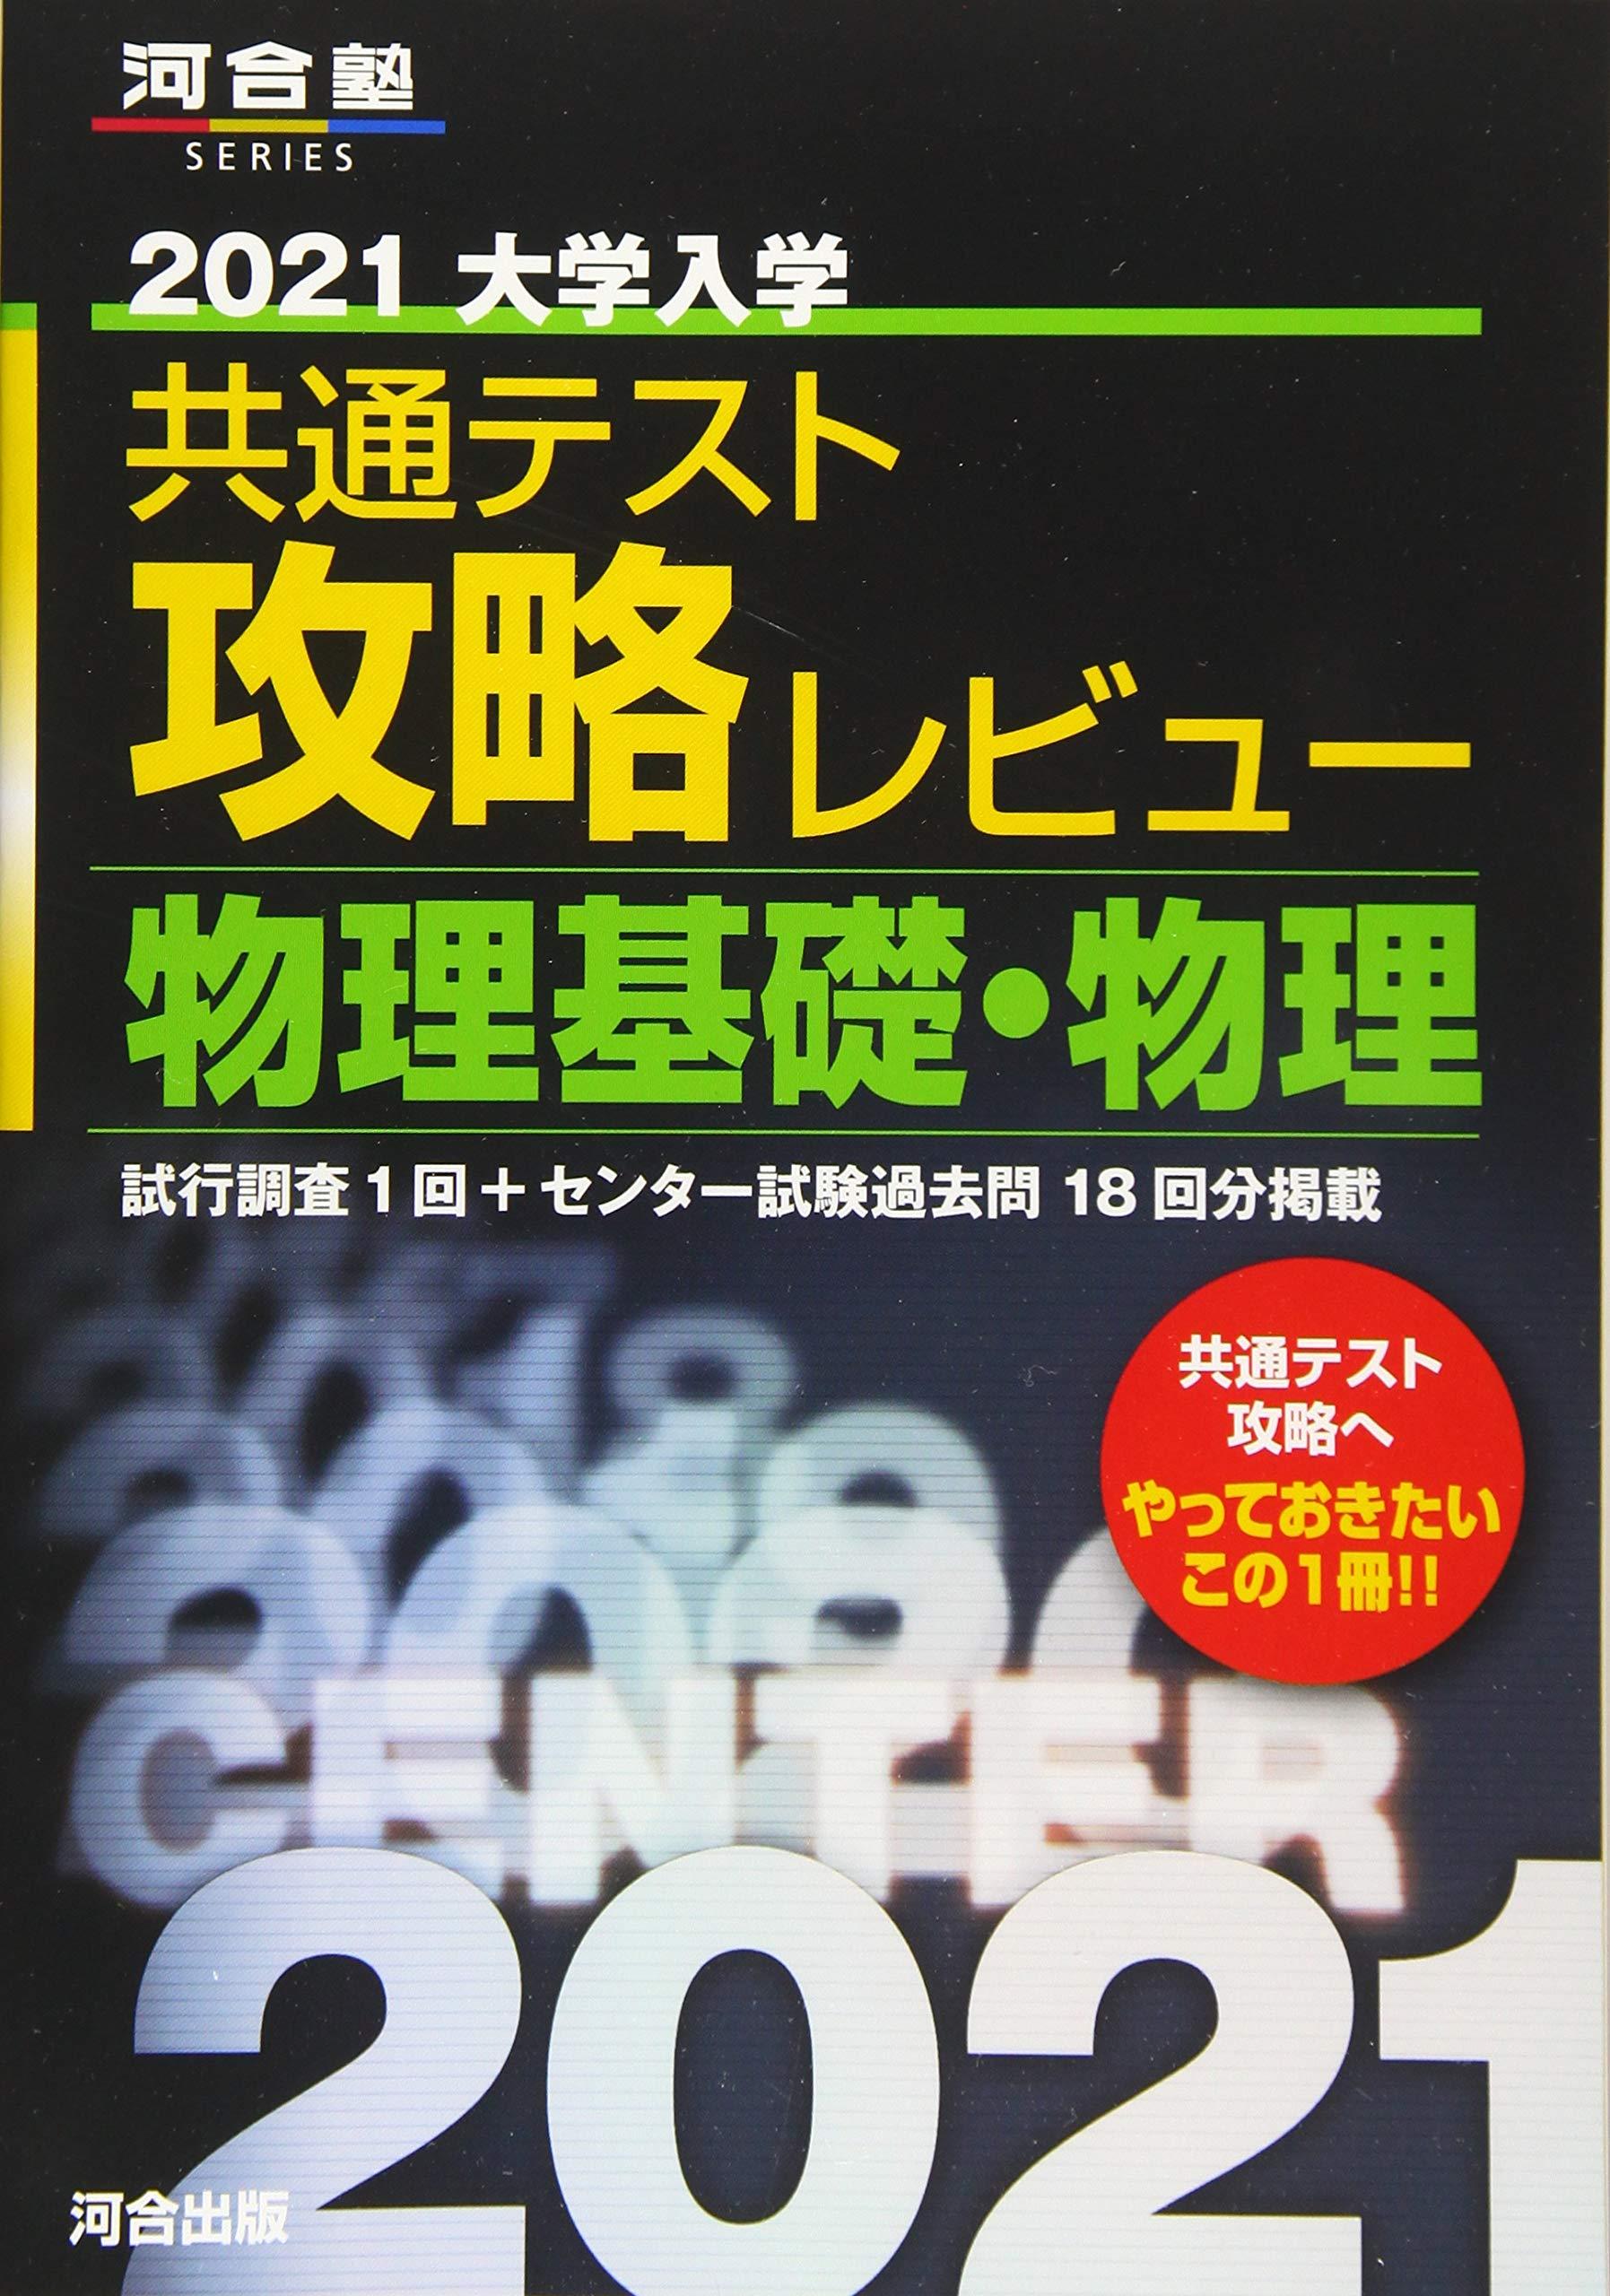 物理のエッセンスの後に取り組むべき問題集『大学入学共通テスト攻略レビュー 物理基礎・物理』